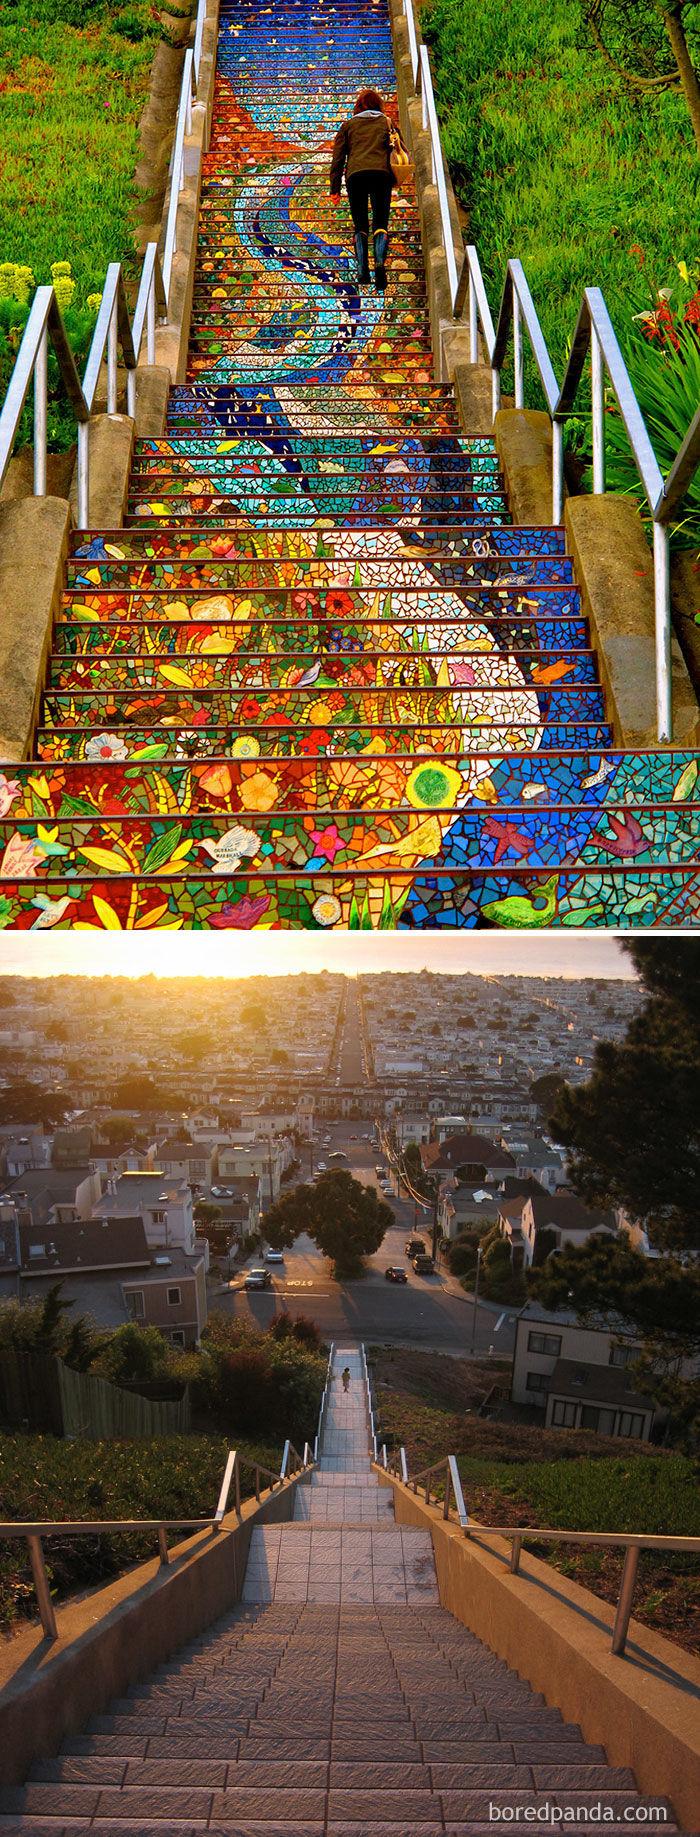 Street Art Transformation